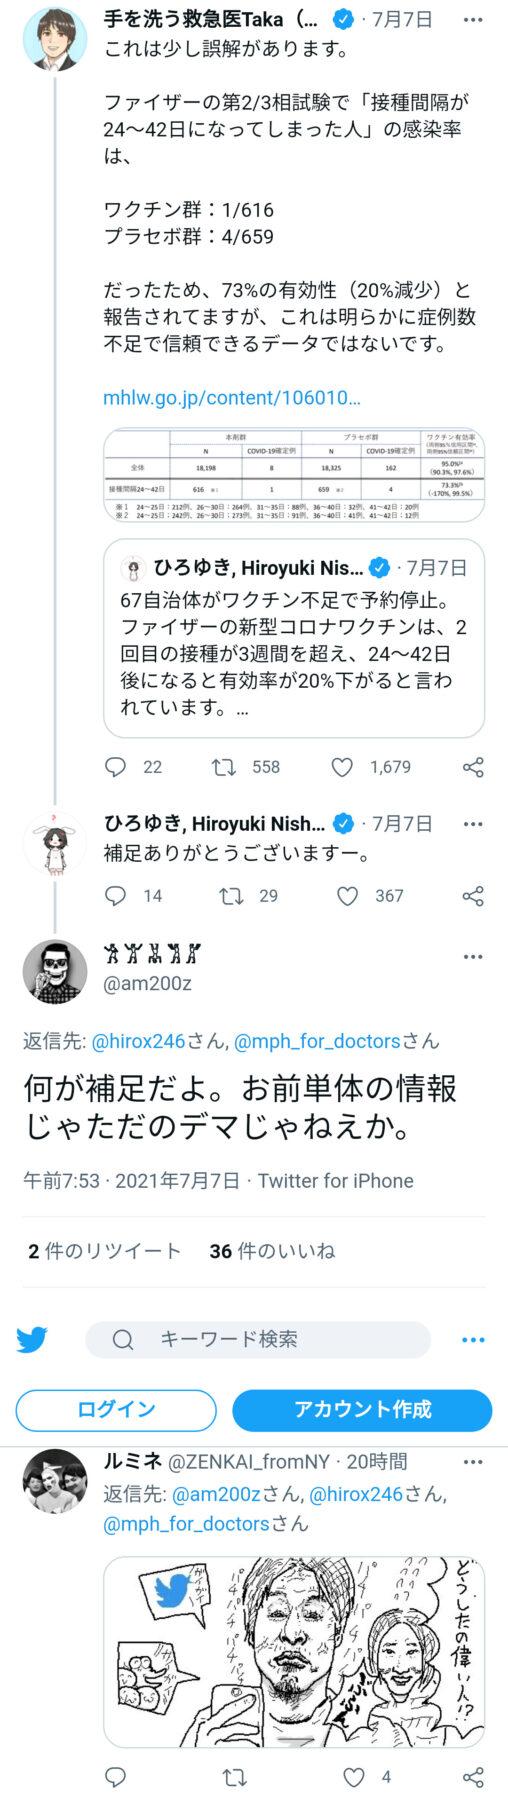 【朗報】西村ひろゆきさん、またまた一般人に論破されてしまう